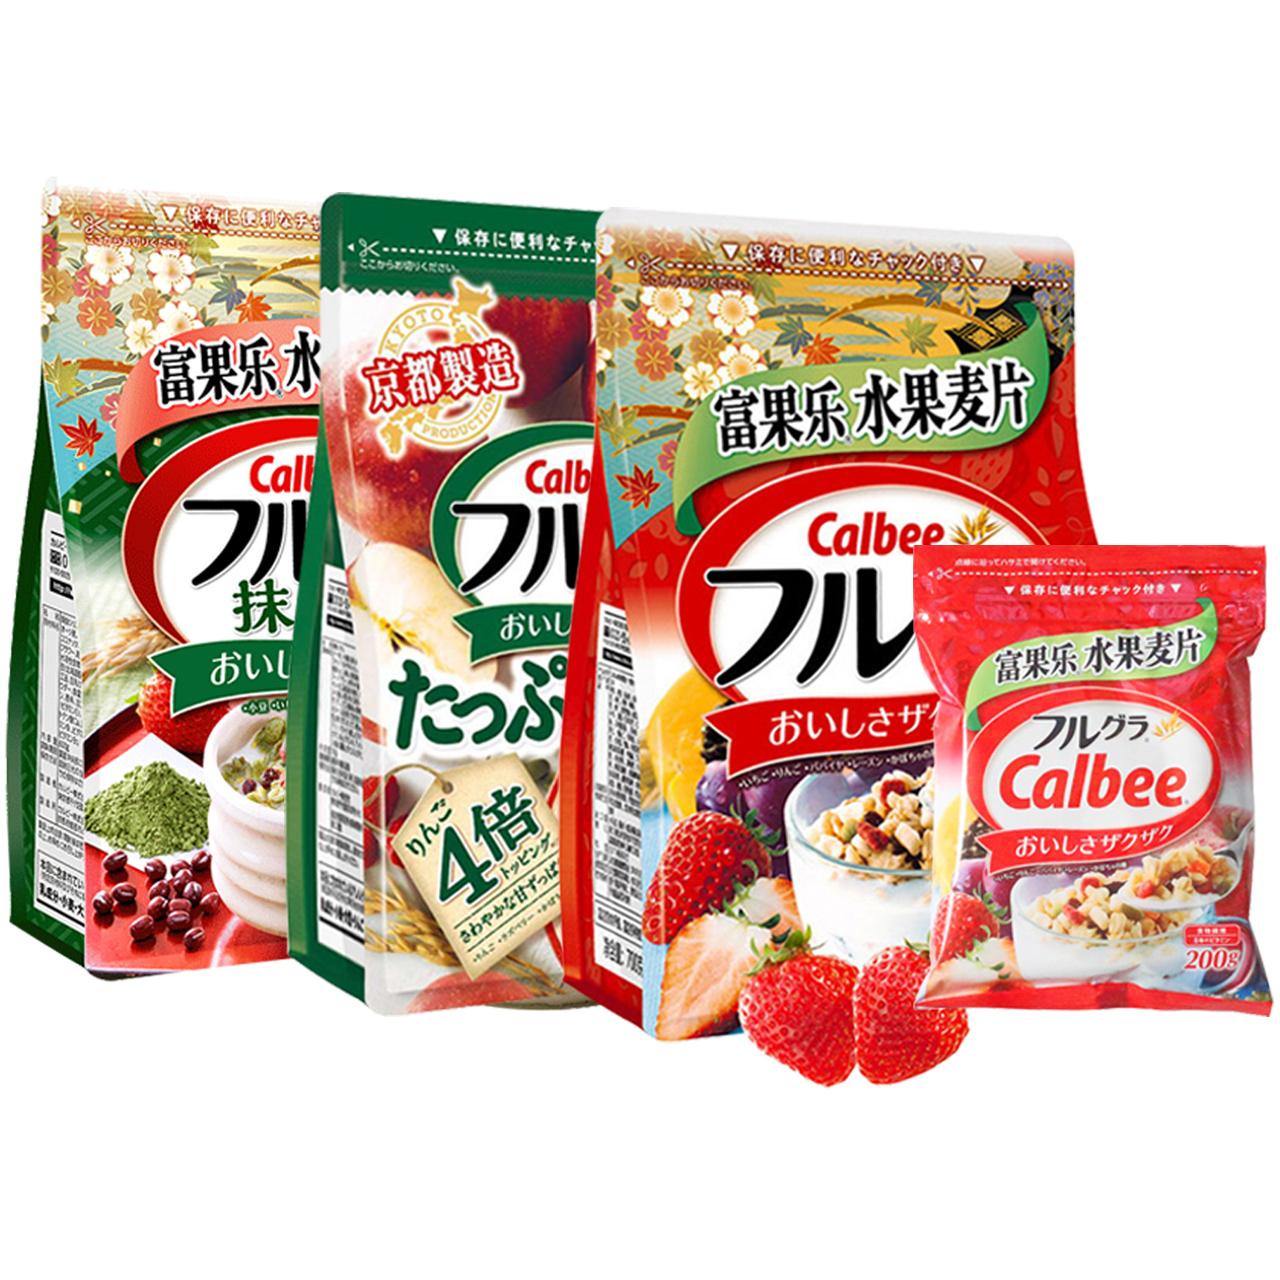 卡乐比水果营养谷物燕麦片